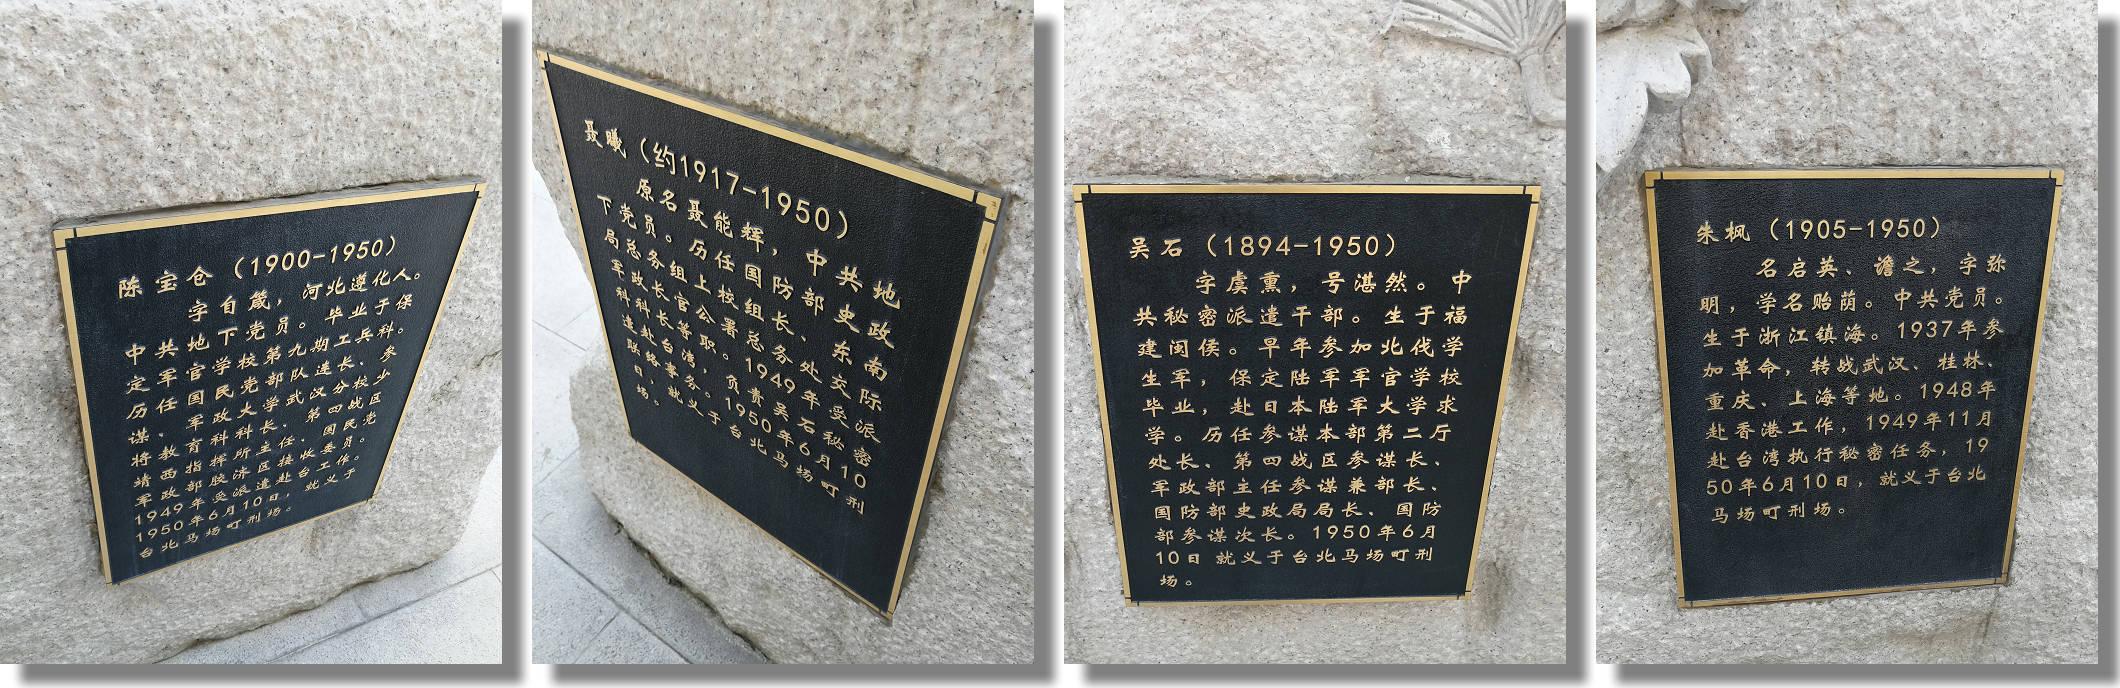 北京西山無名英雄紀念廣場,四立像所塑人物的說明。